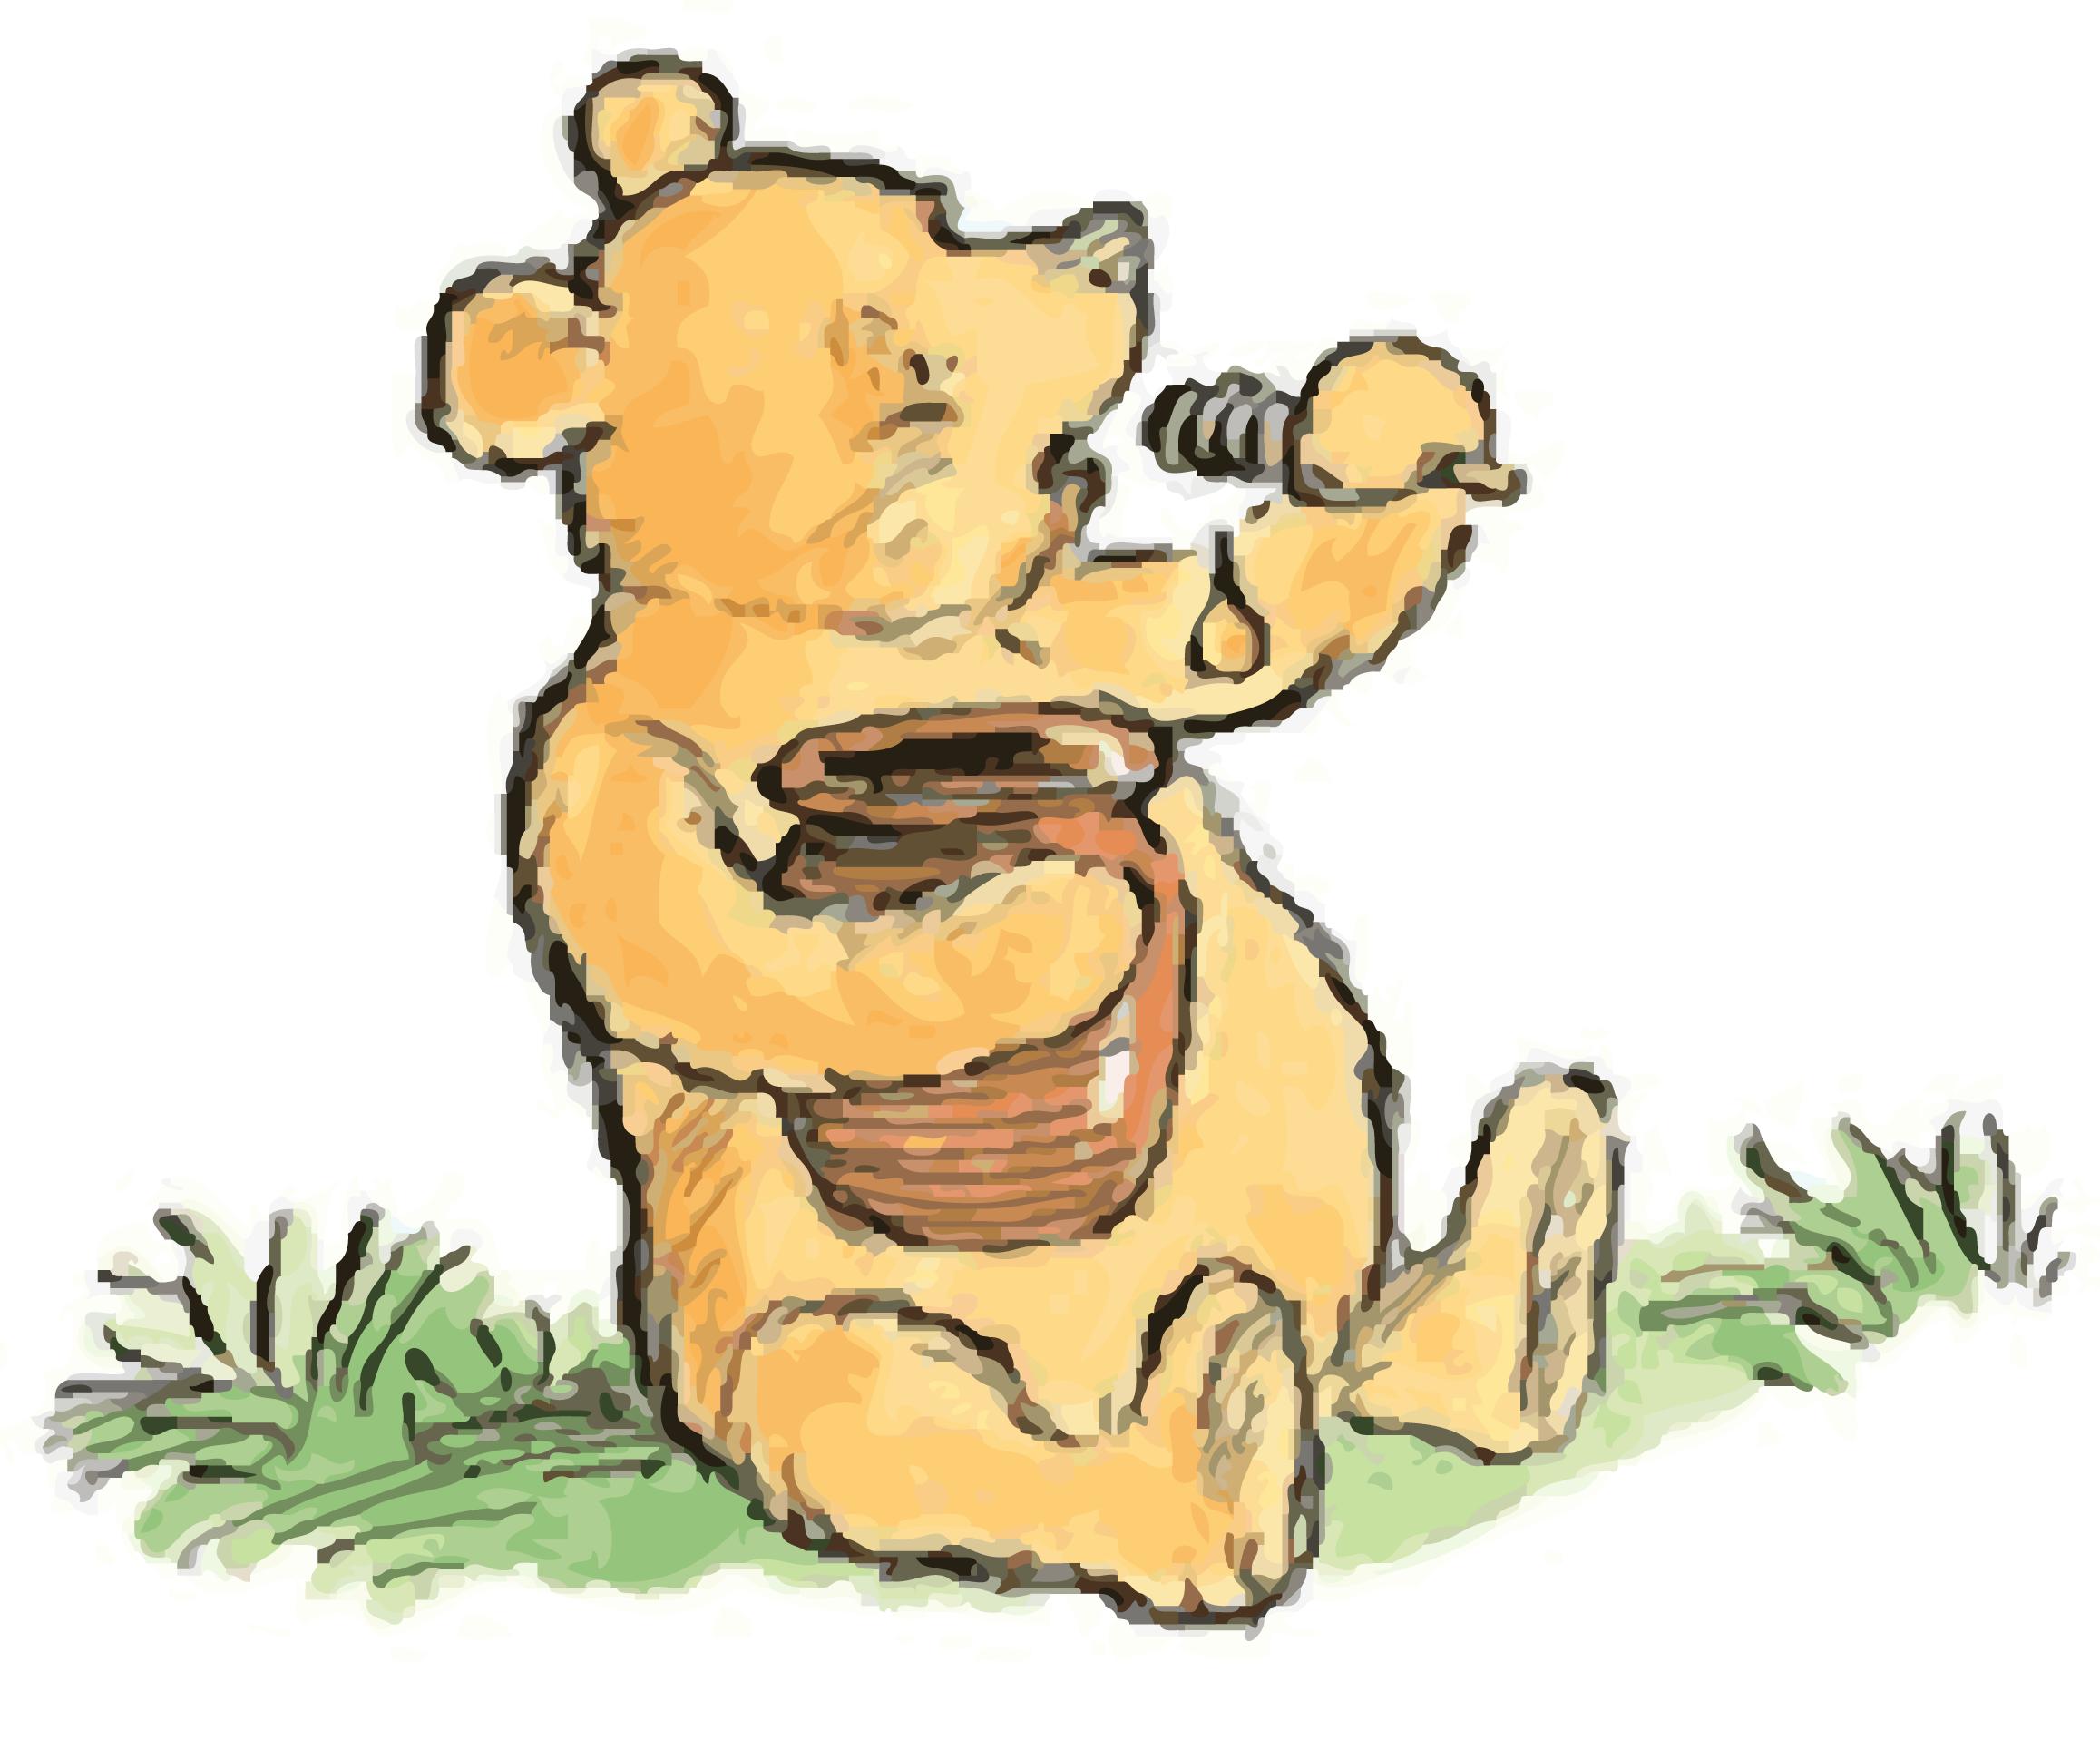 2499609c6805 2315x1939px Classic Winnie the Pooh Wallpaper - WallpaperSafari